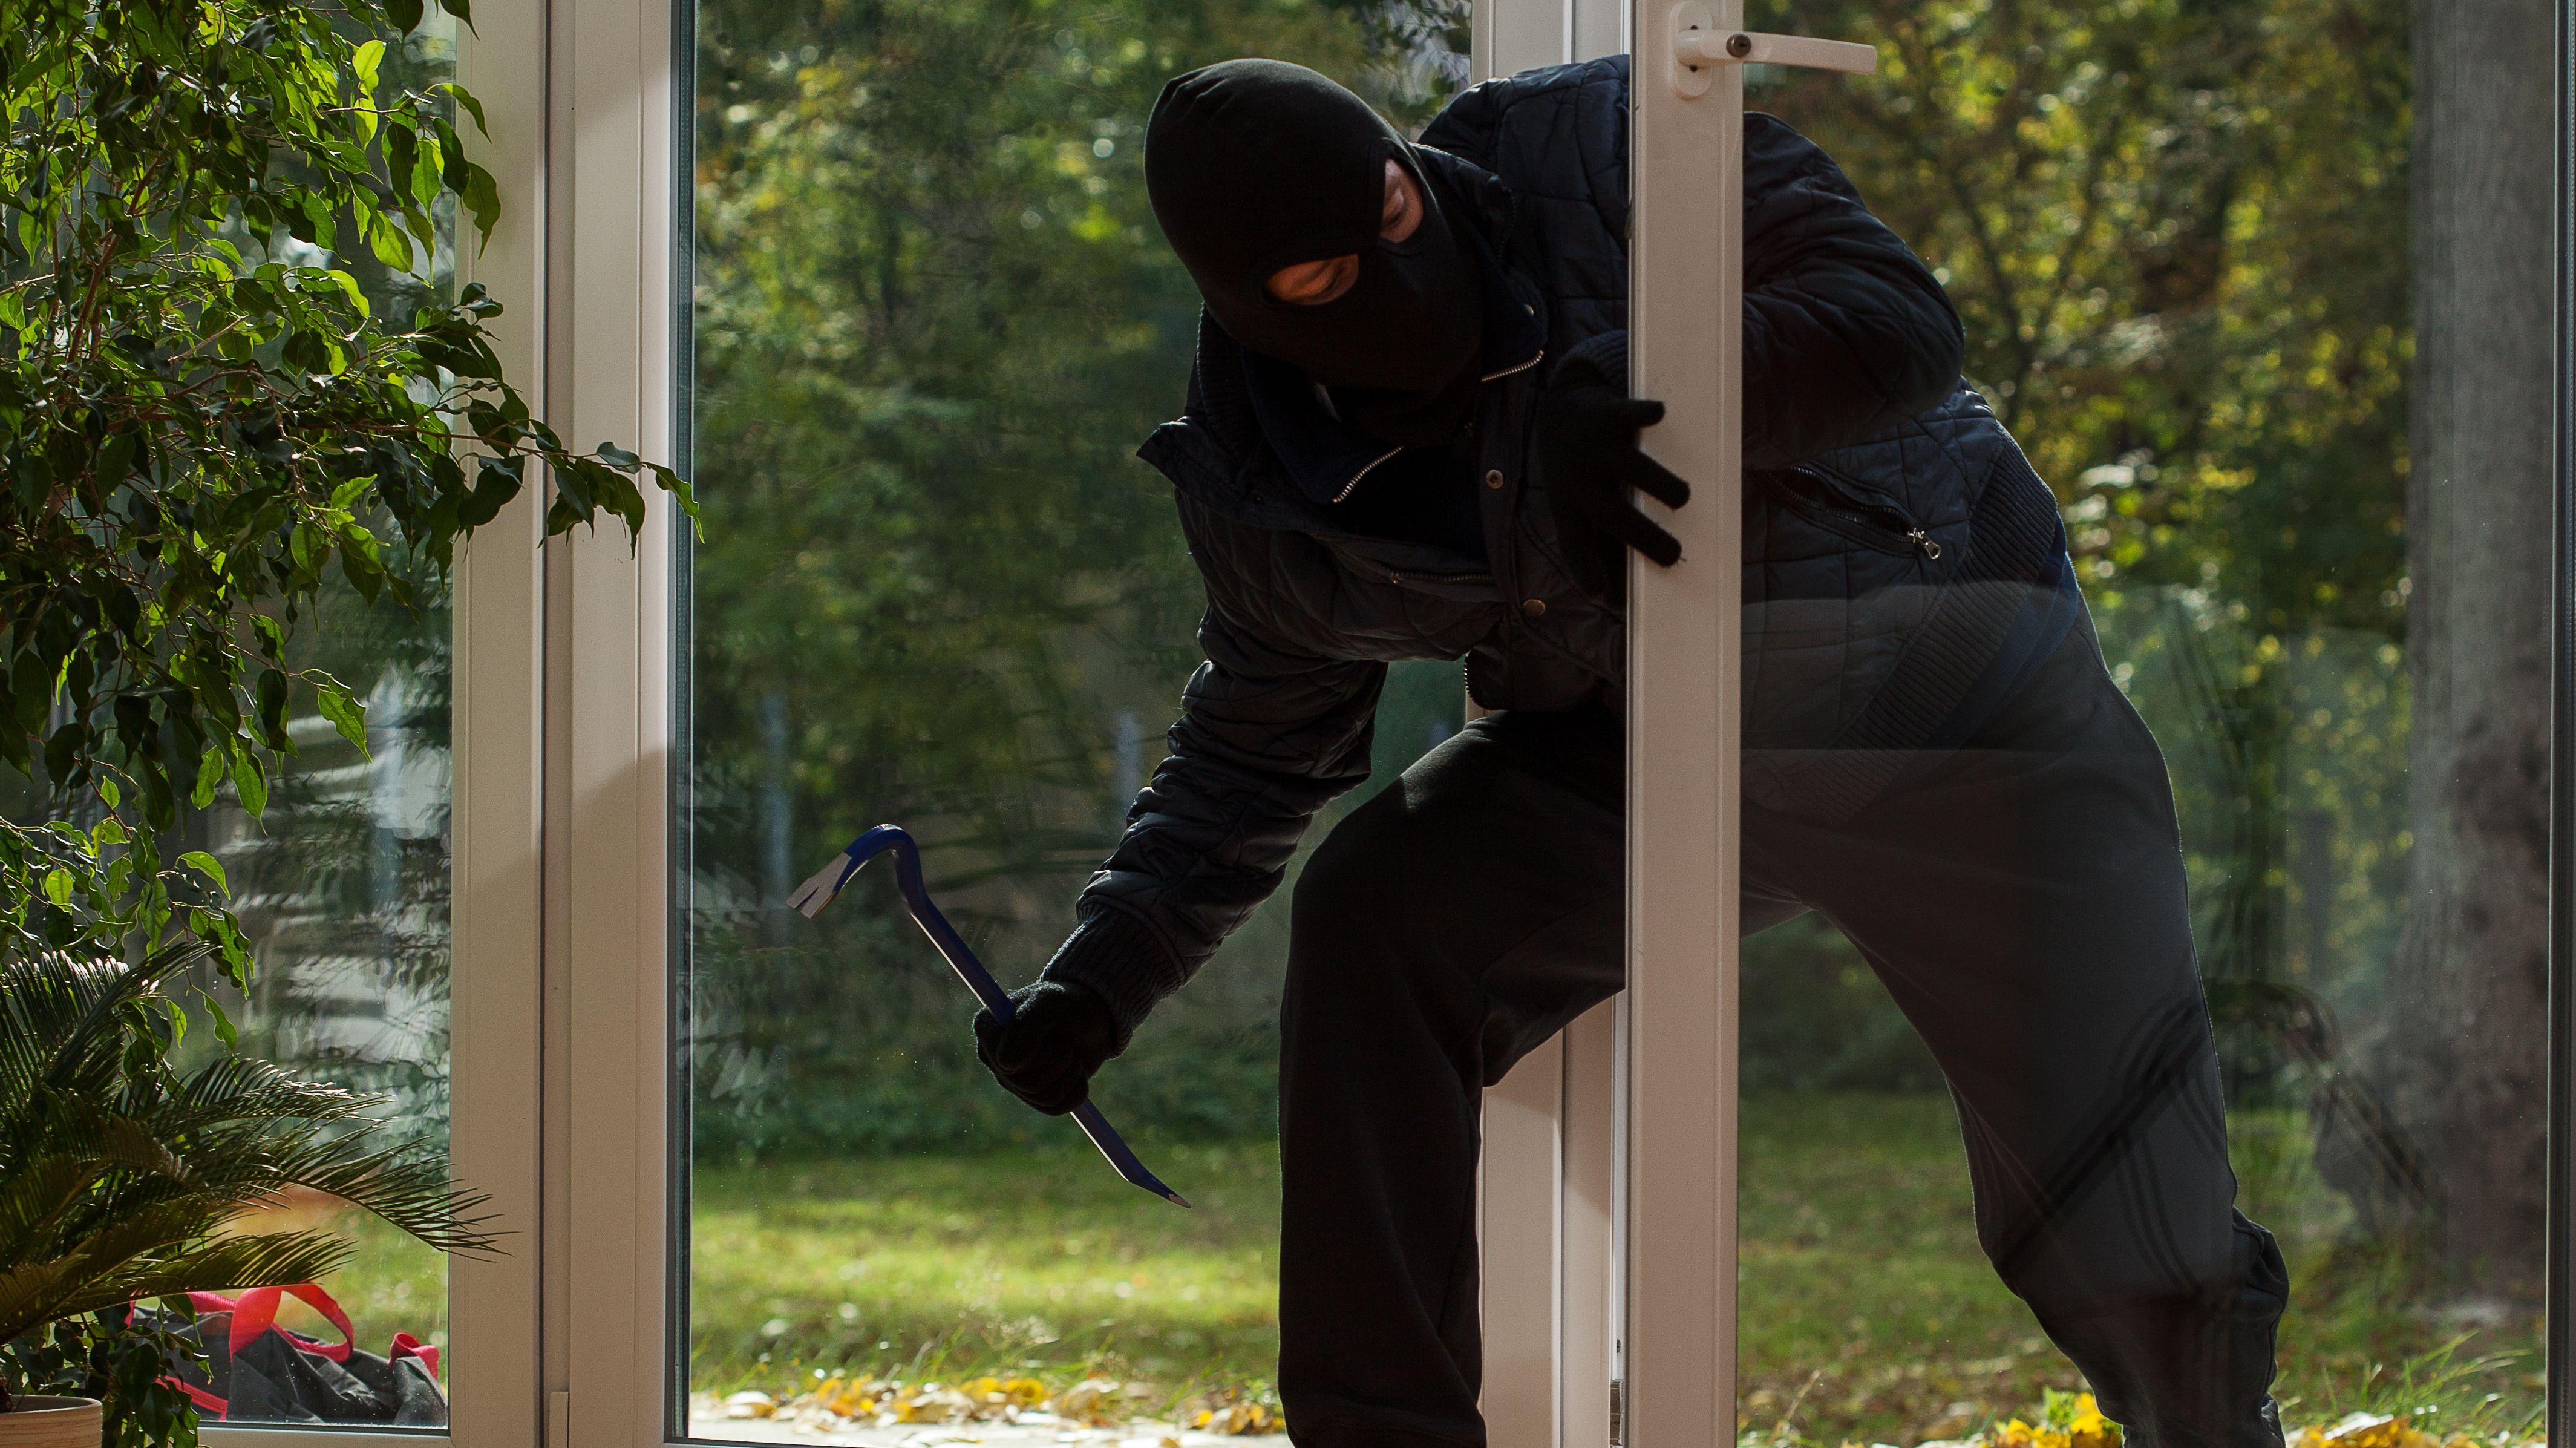 Einbrecher mit Maske dringt in Terrassentür ein